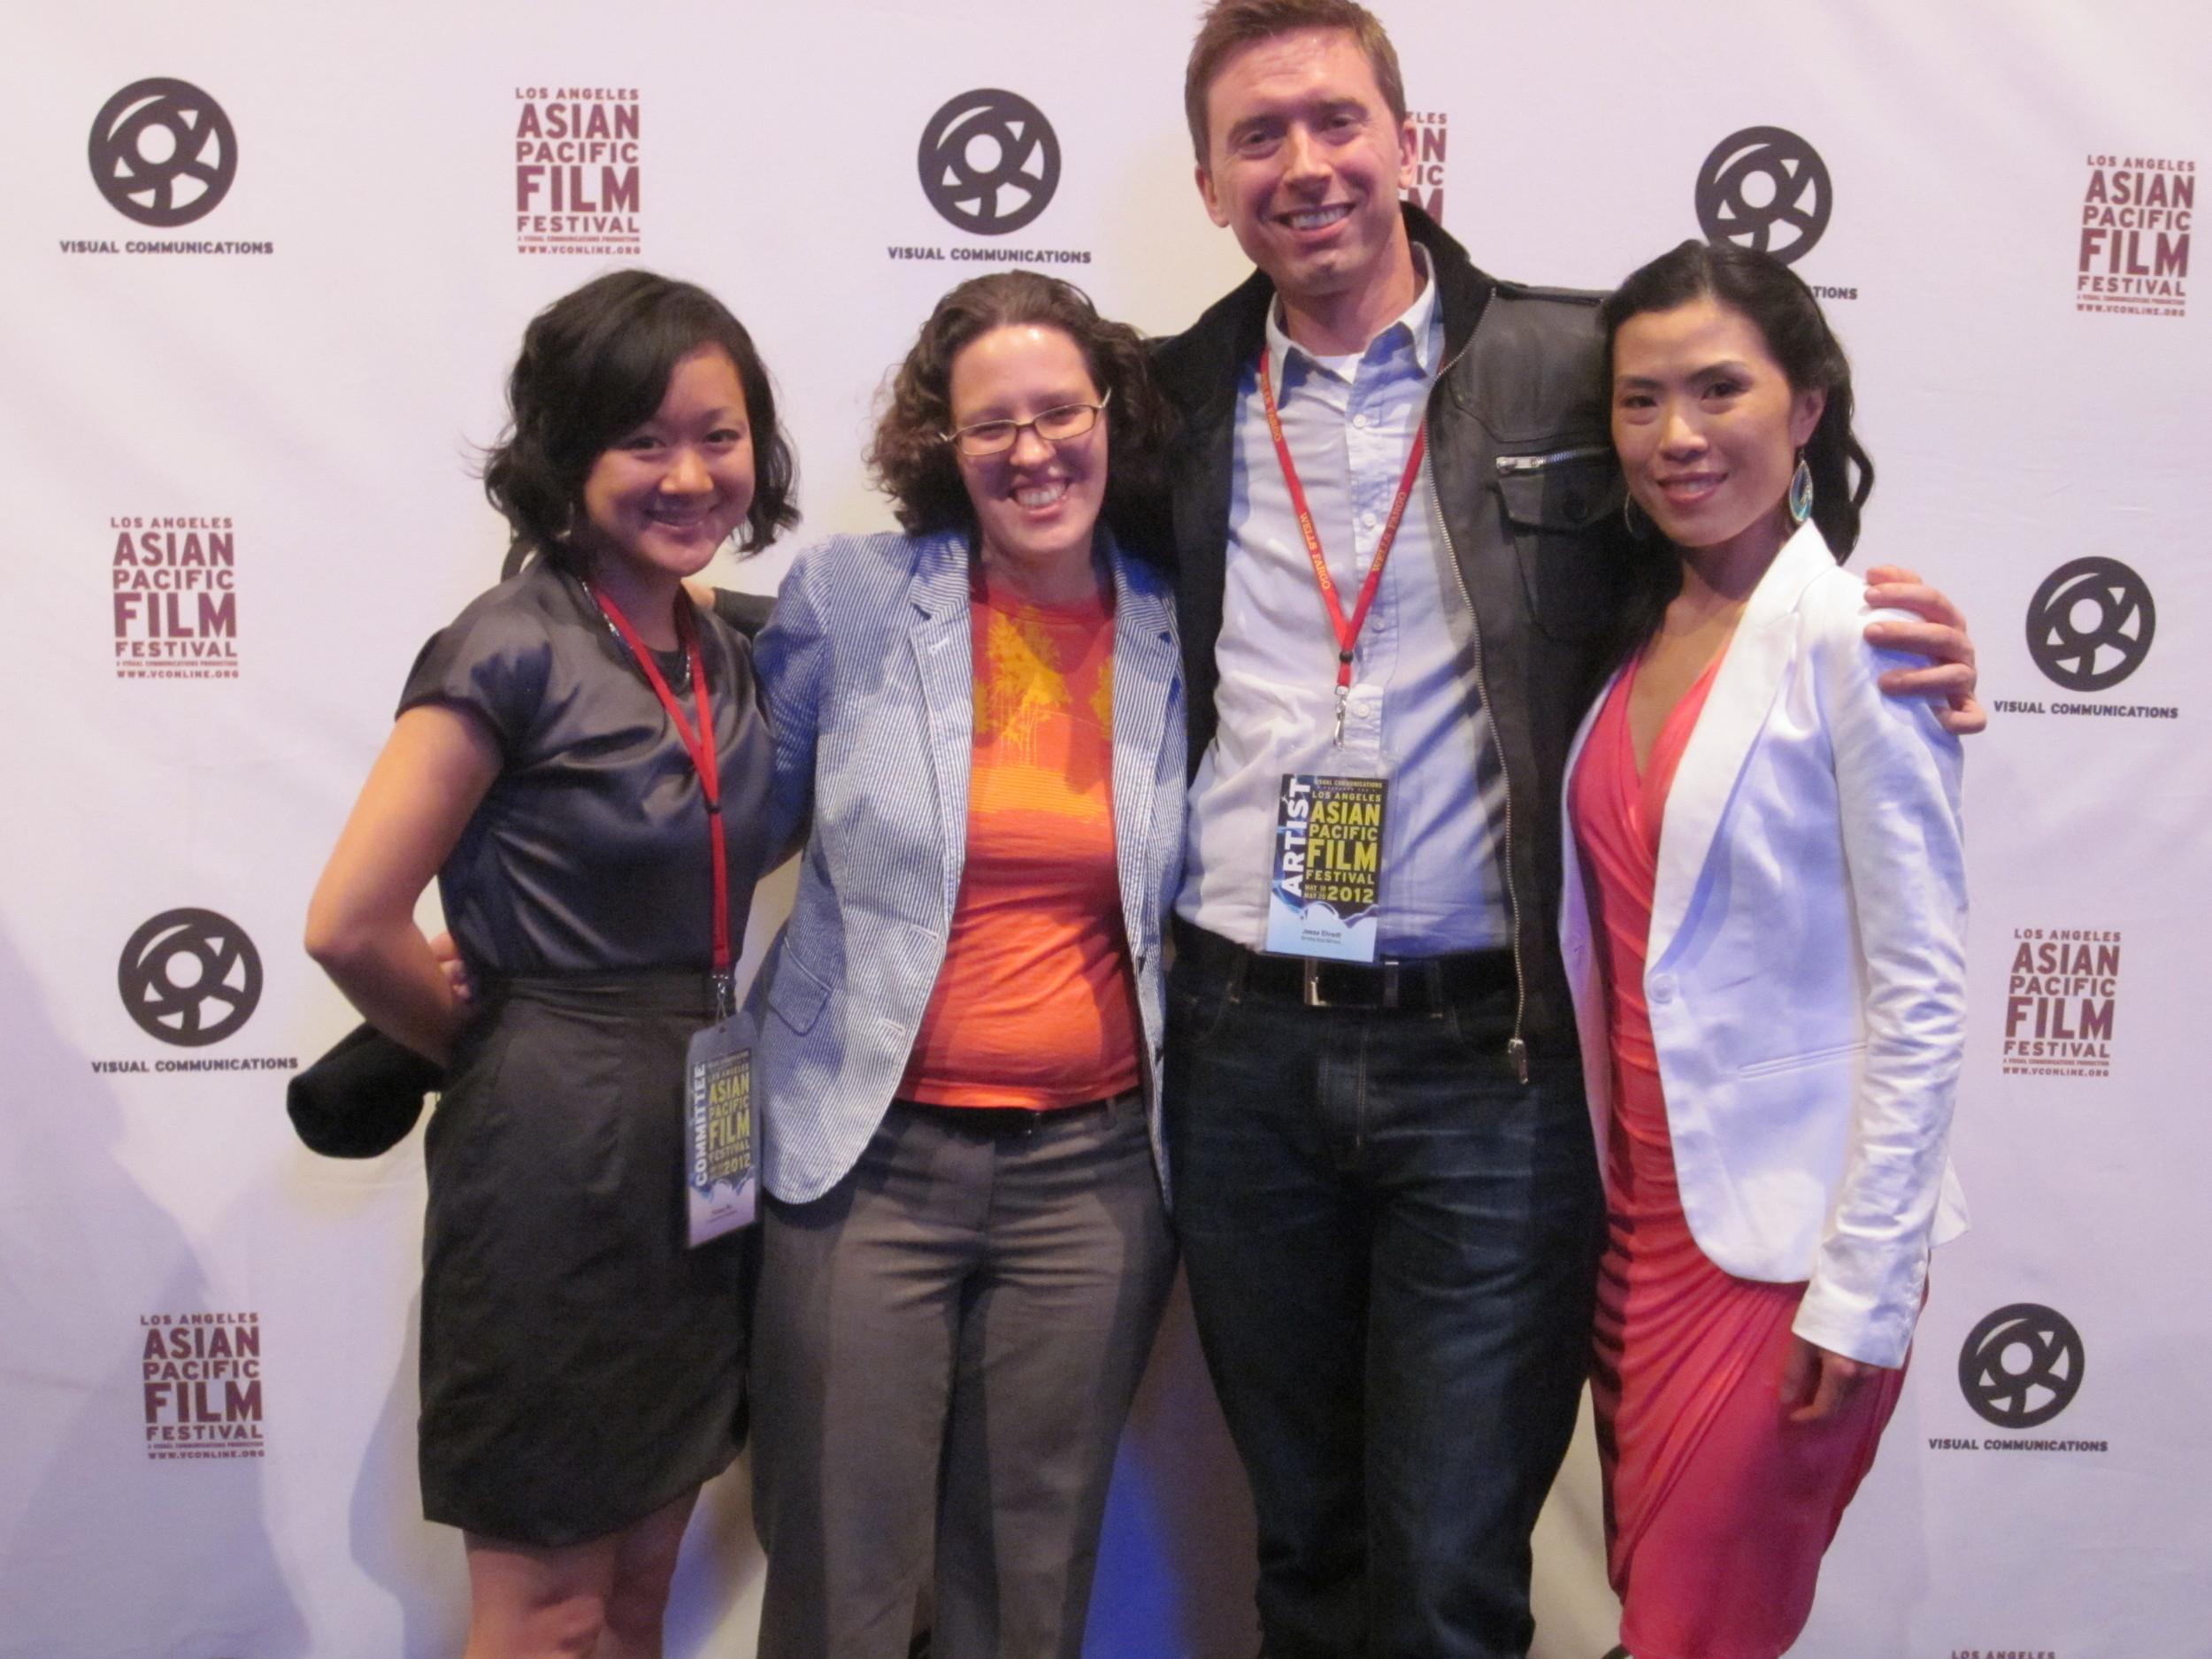 LA Asian Pacific Film Festival